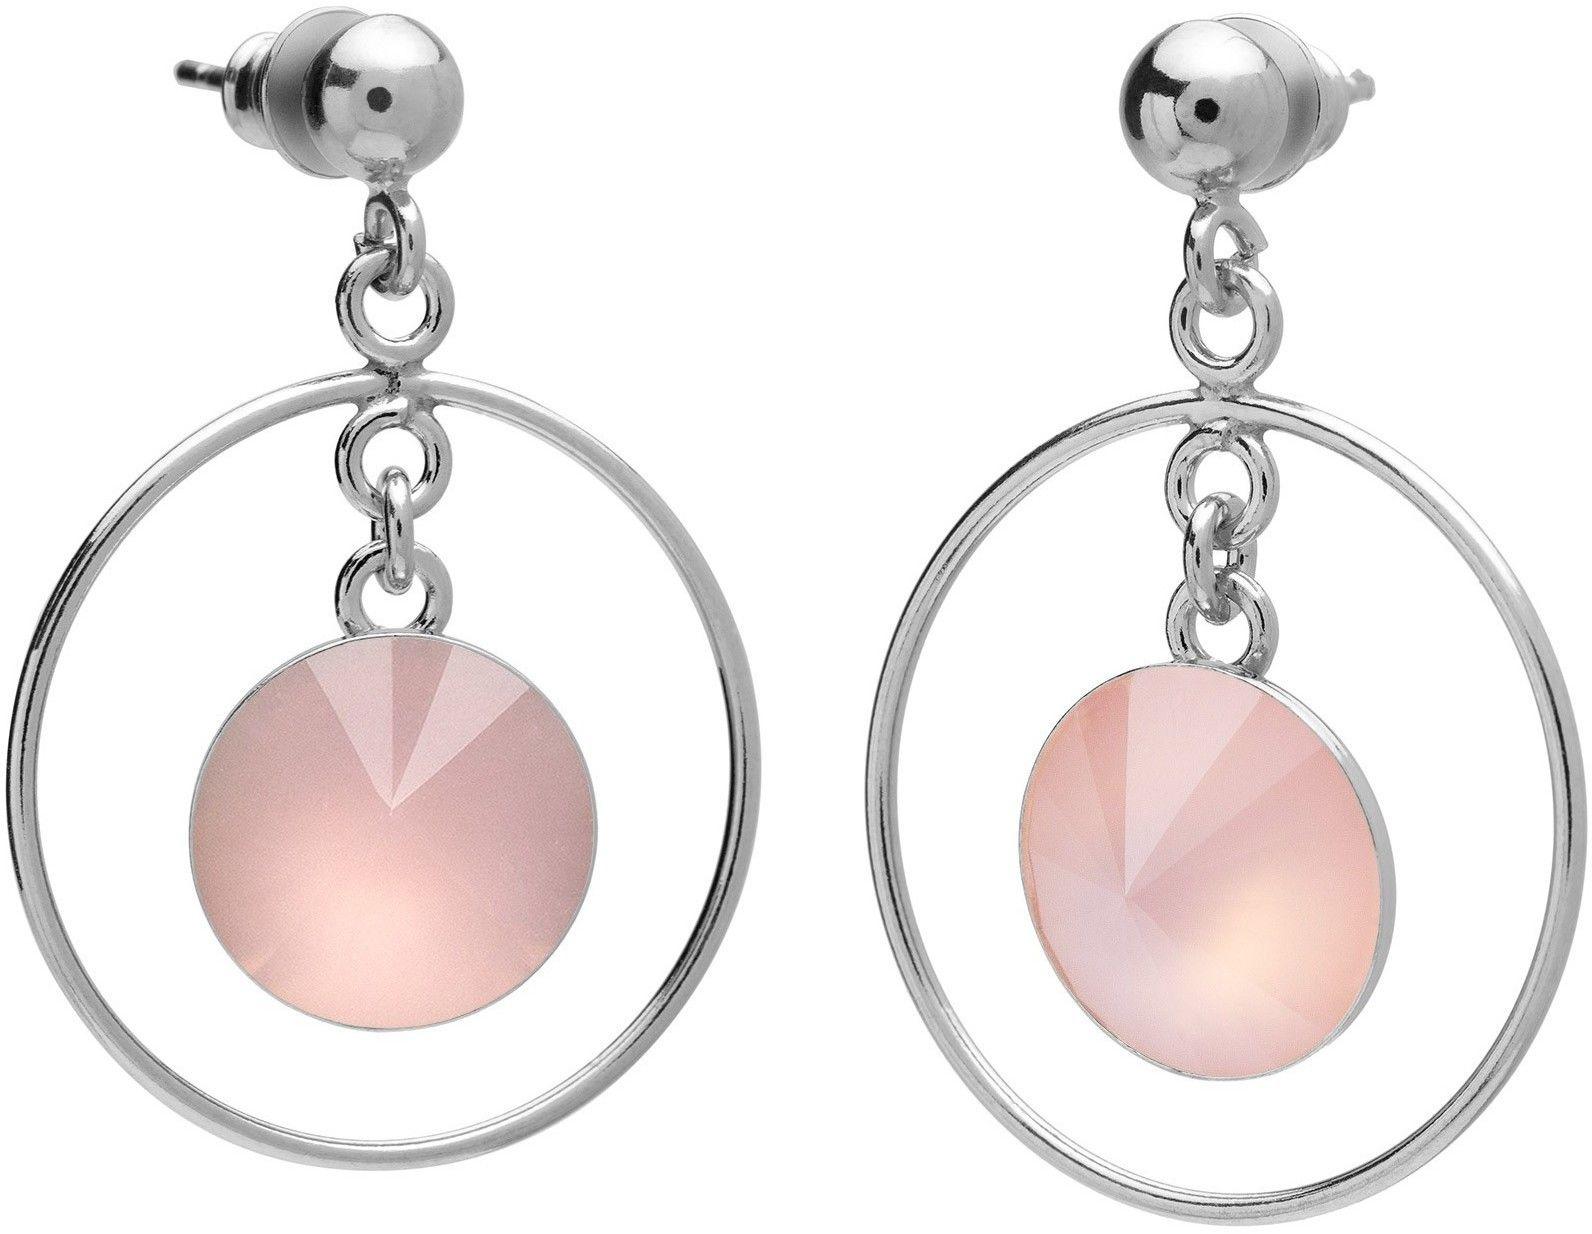 Okrągłe kolczyki z kwarcem, srebro 925 : Kamienie naturalne - kolor - kwarc różowy antyczny, Srebro - kolor pokrycia - Pokrycie platyną